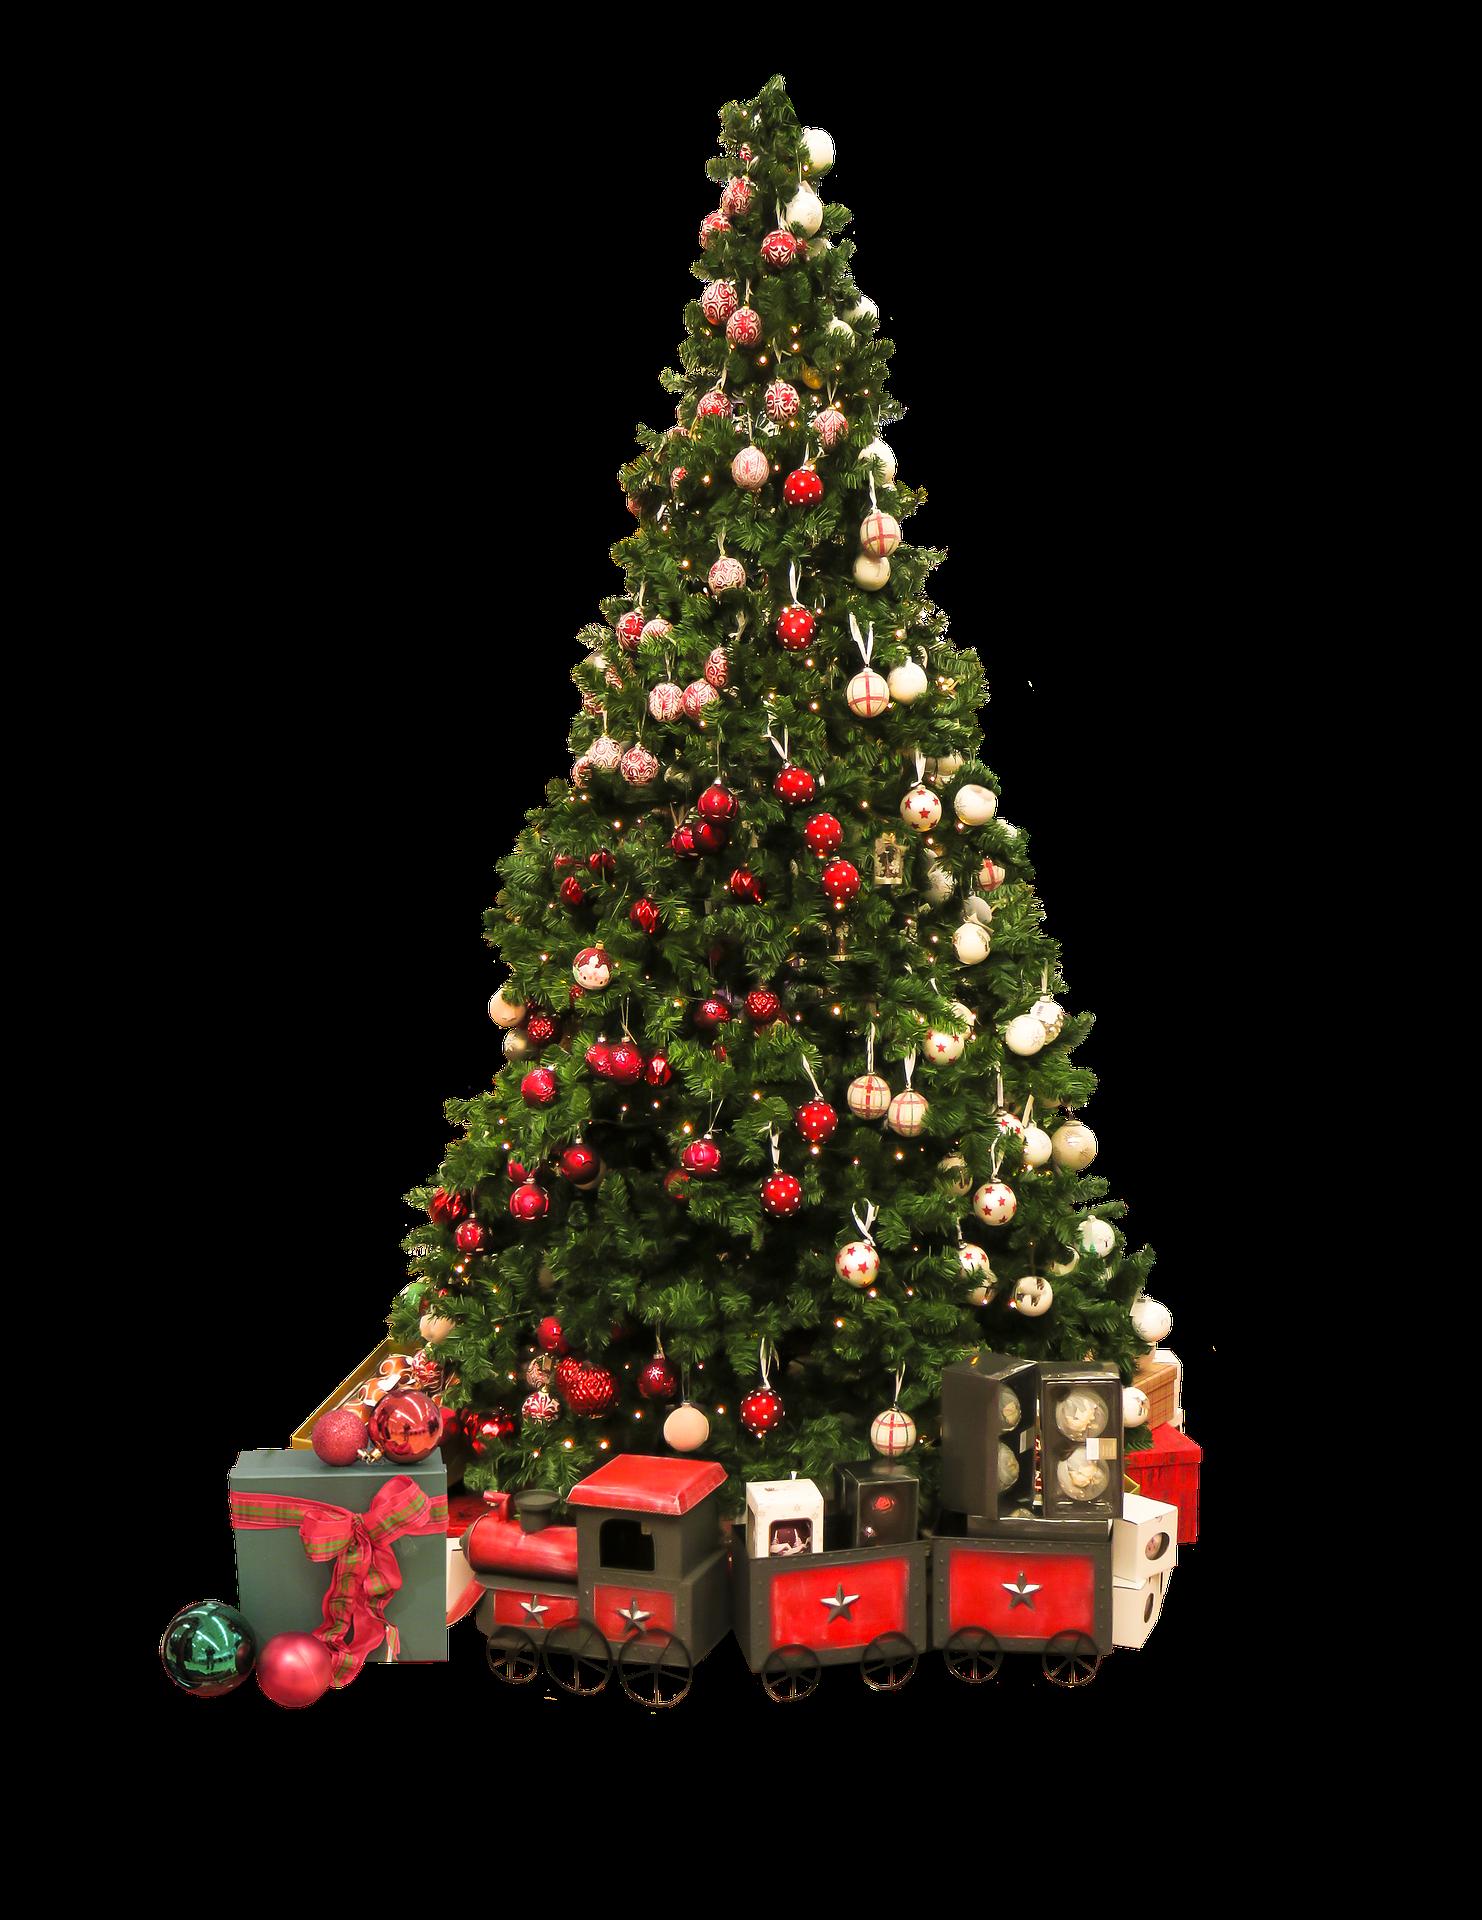 クリスマスツリーを選ぶポイントは?子育て家庭におすすめのものは?